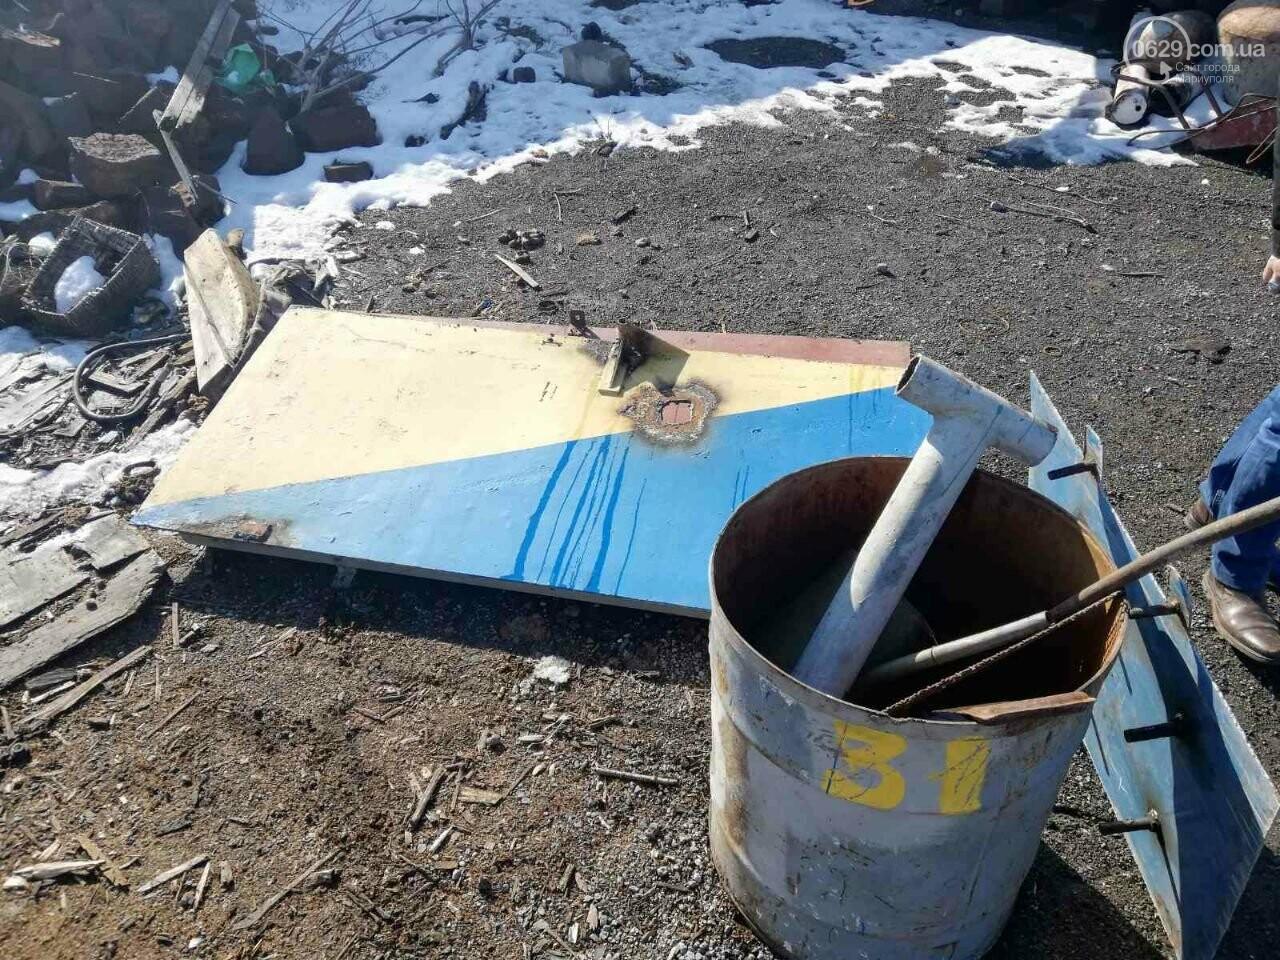 """В Мариуполе неизвестные ограбили садовое товарищество """"Ромашка"""", - ФОТО, фото-5"""